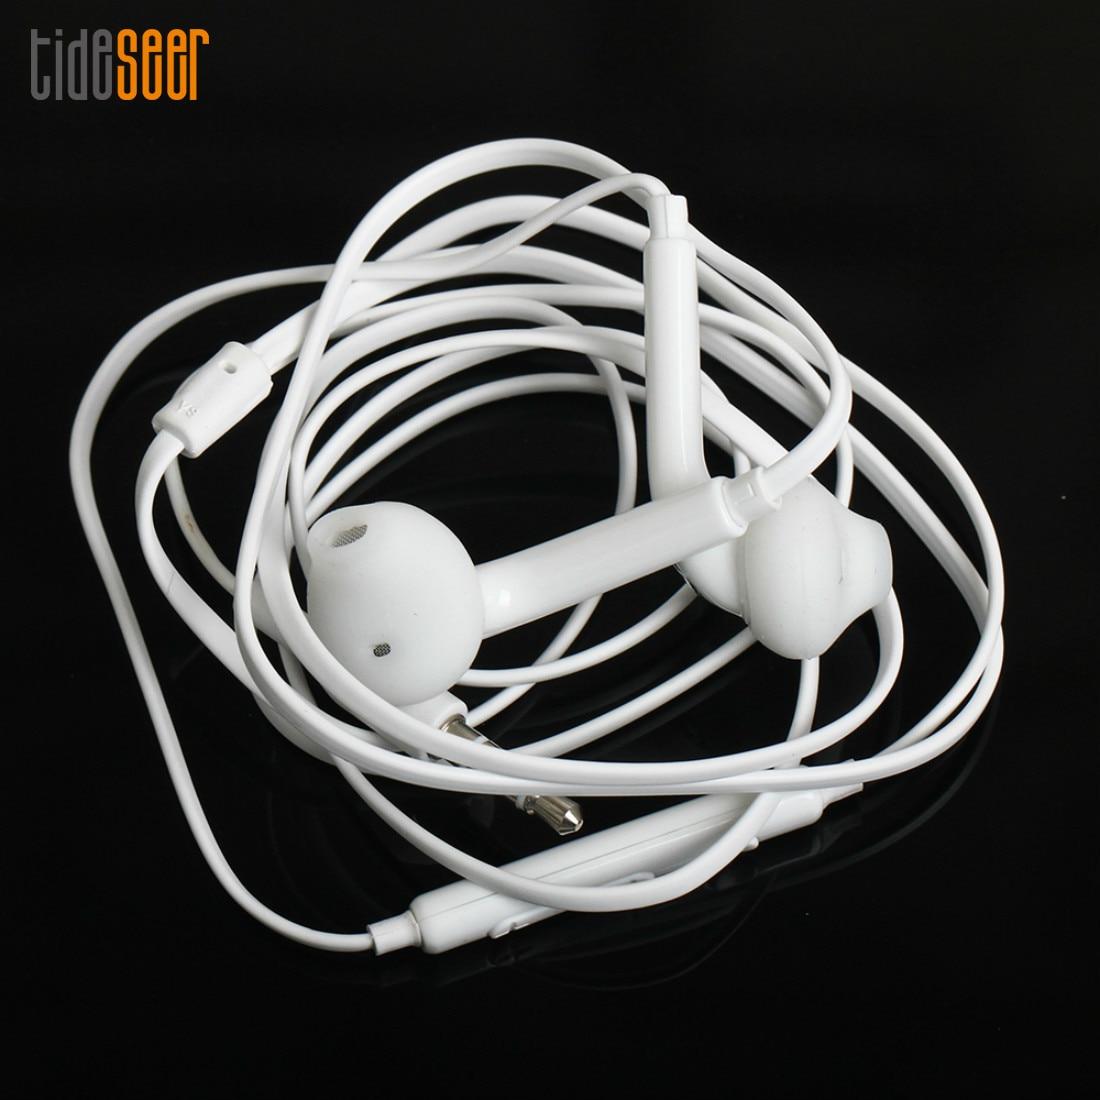 Fone de Ouvido com Fio Fones de Ouvido Estéreo com Microfone para Samsung Inteligente para Jogo de Vídeo Pces Jack In-ear Galaxy s6 Xiaomi Telefone 2000 3.5mm